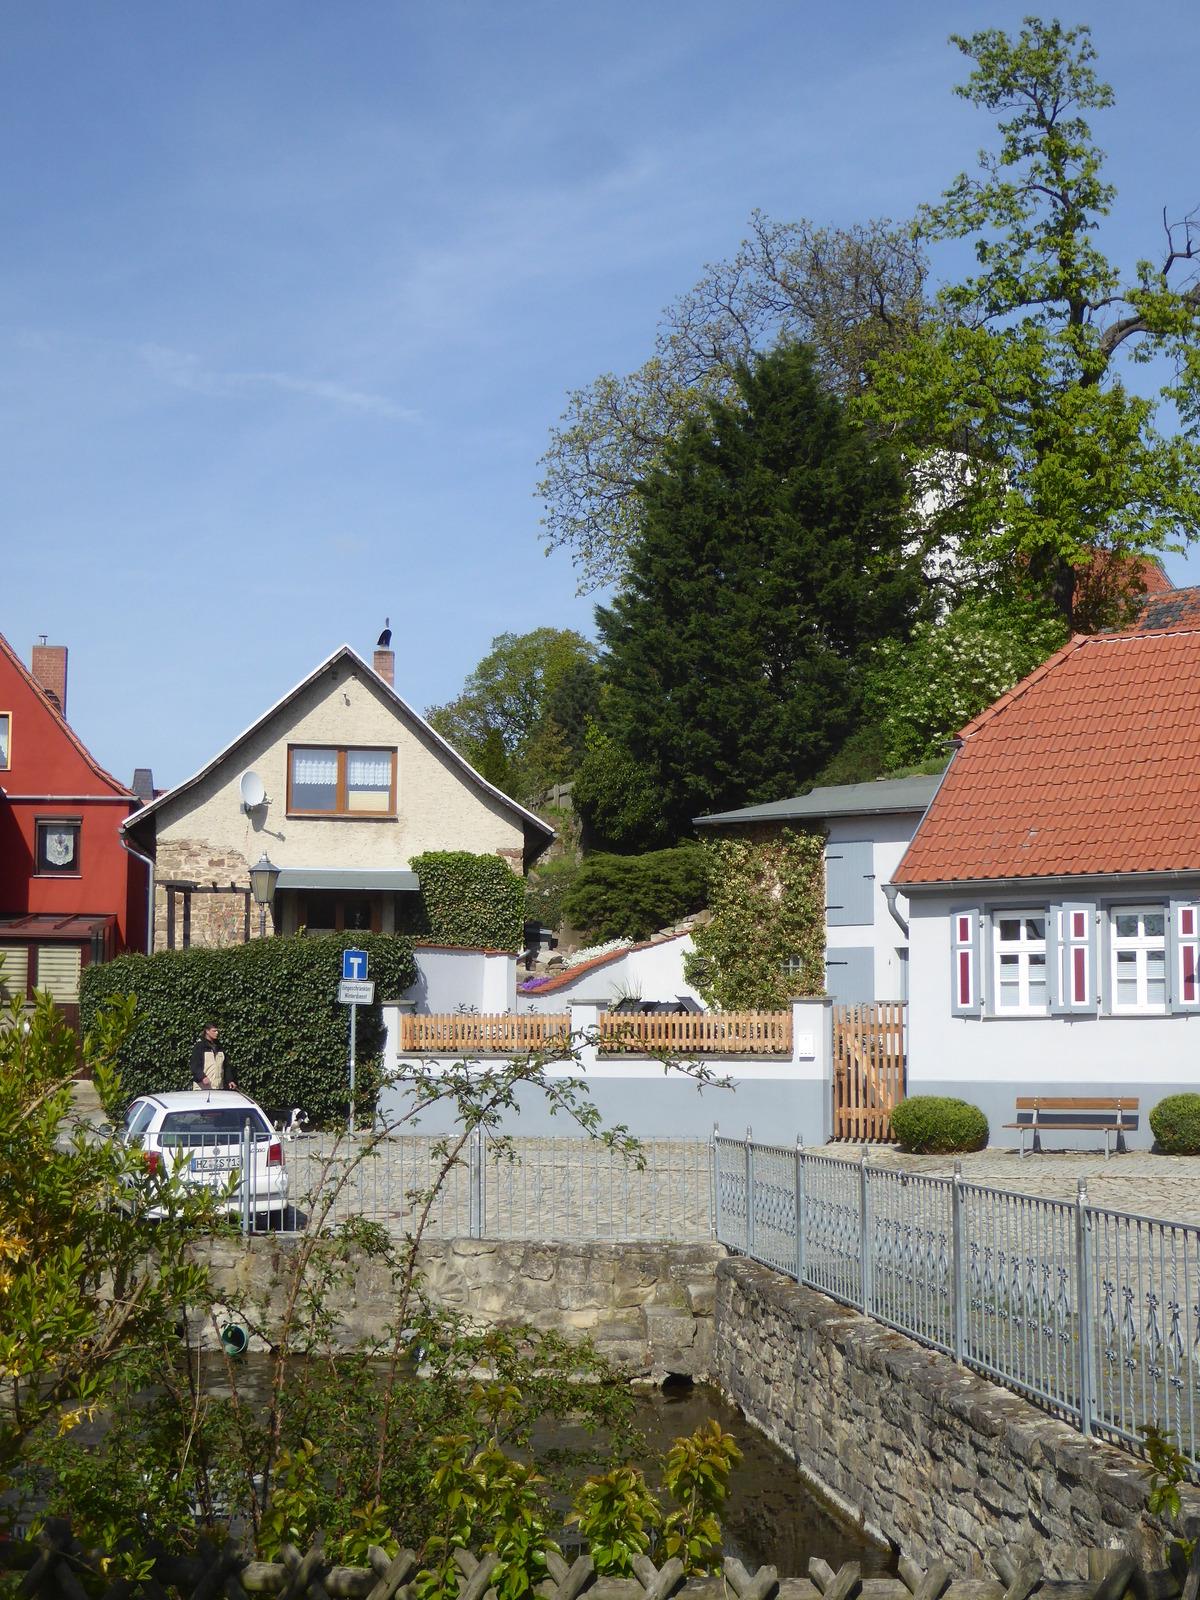 Blick auf die Hauptquelle mit der Kirche hinter den Bäumen